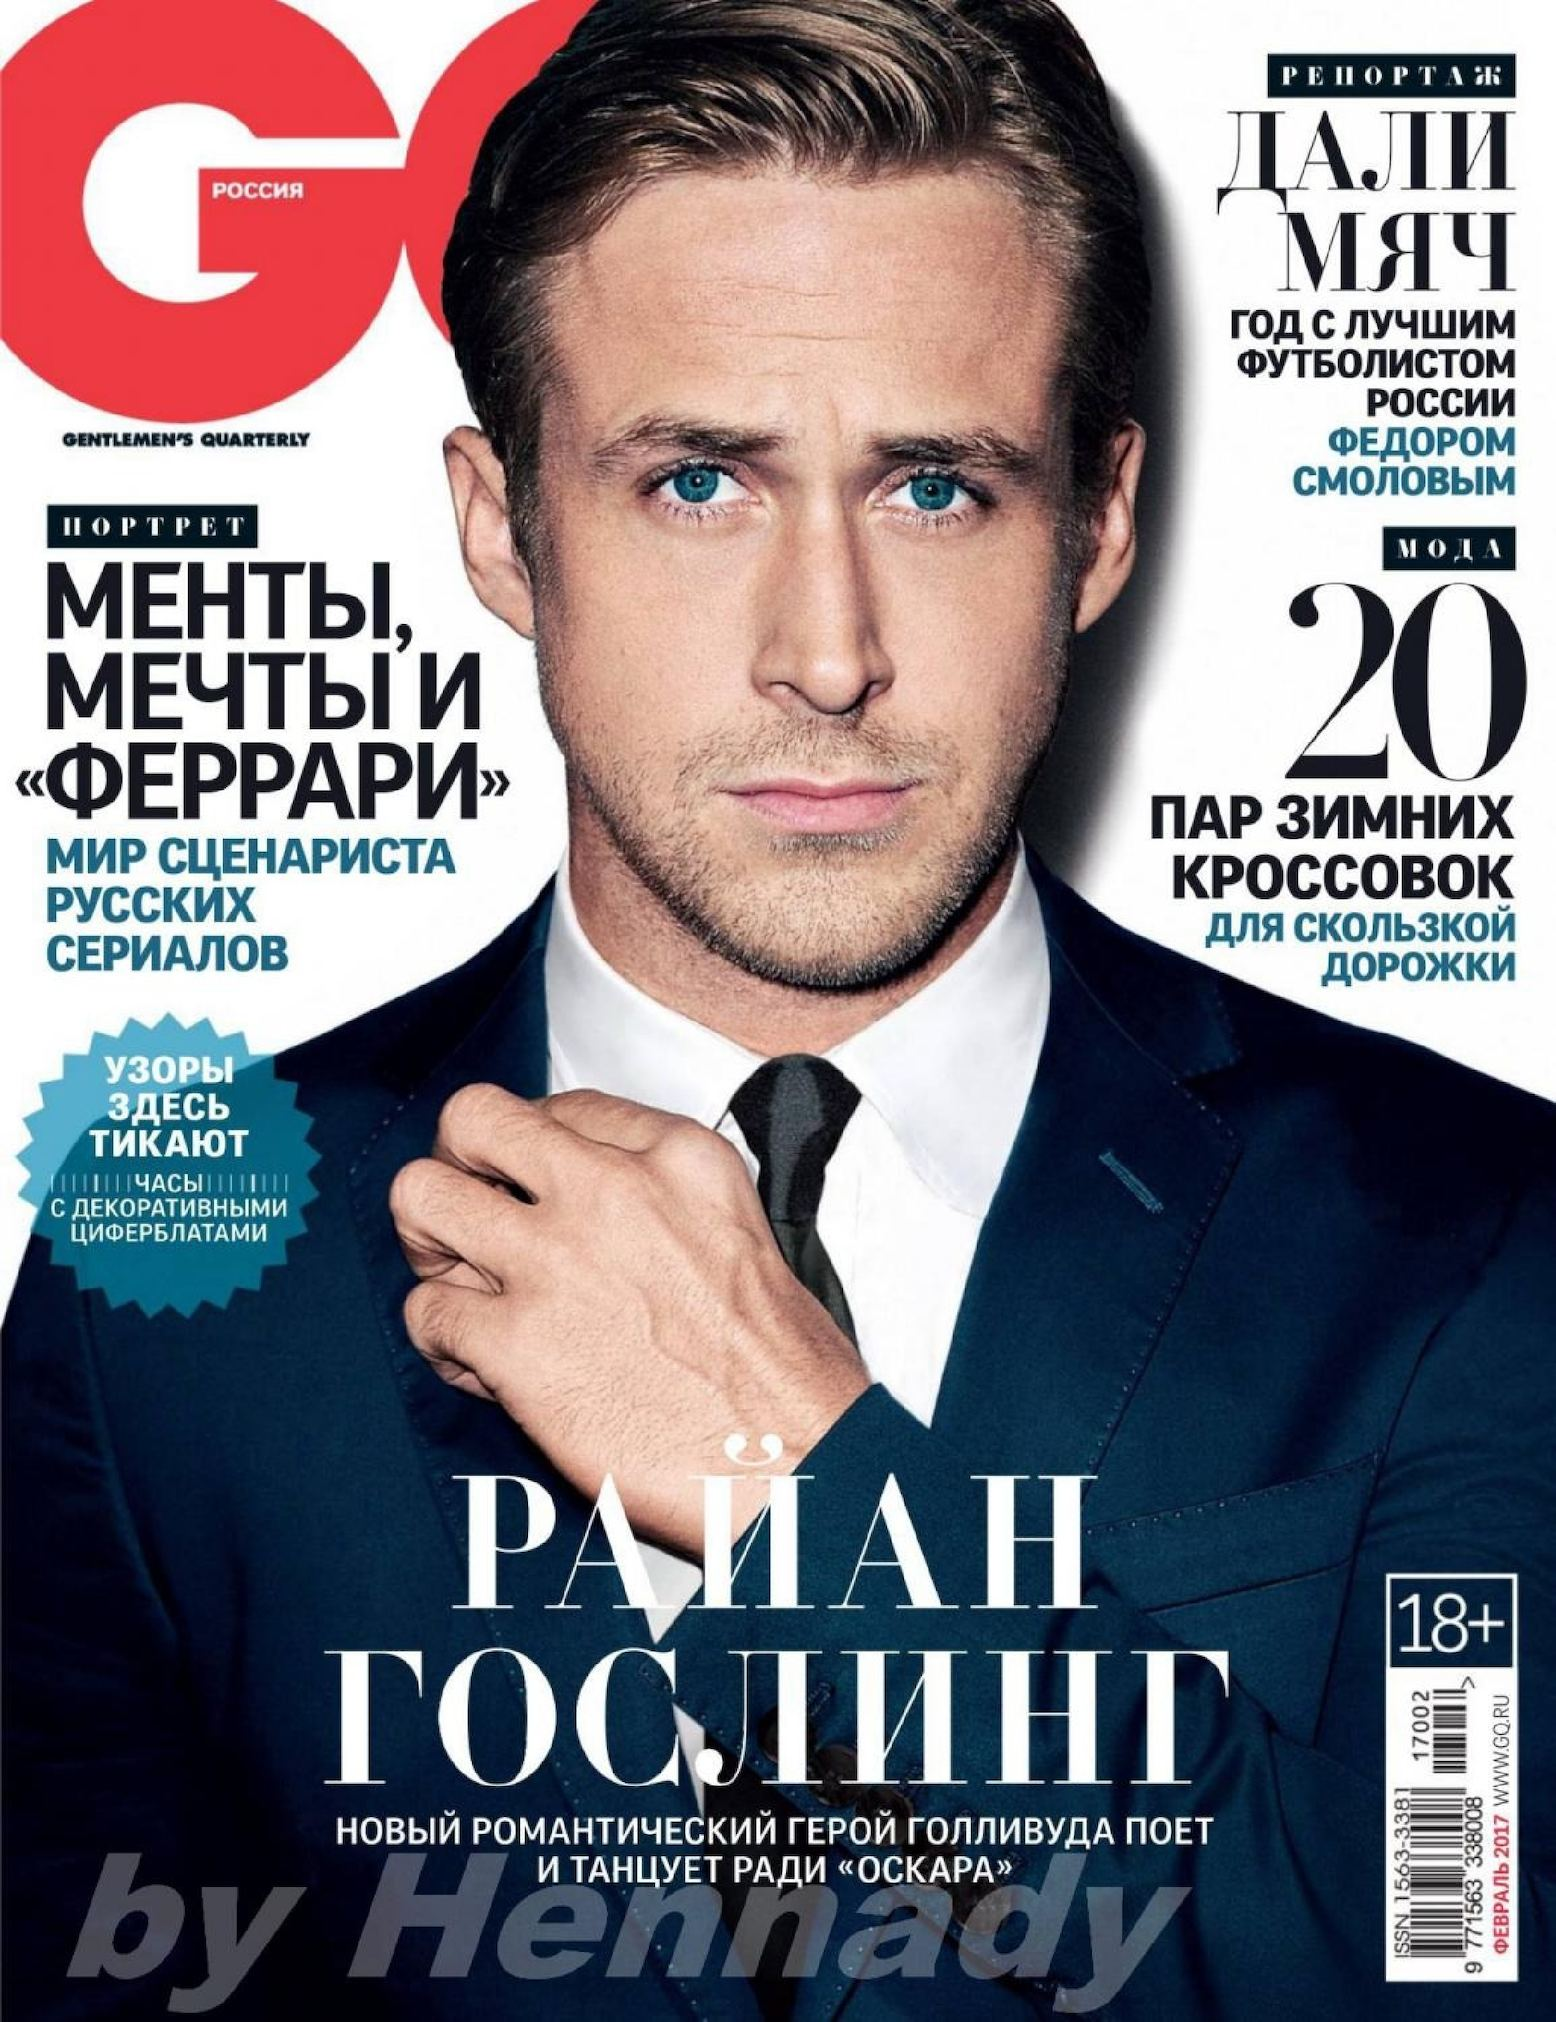 Журналы для мужчин смотреть фото теперь вводить